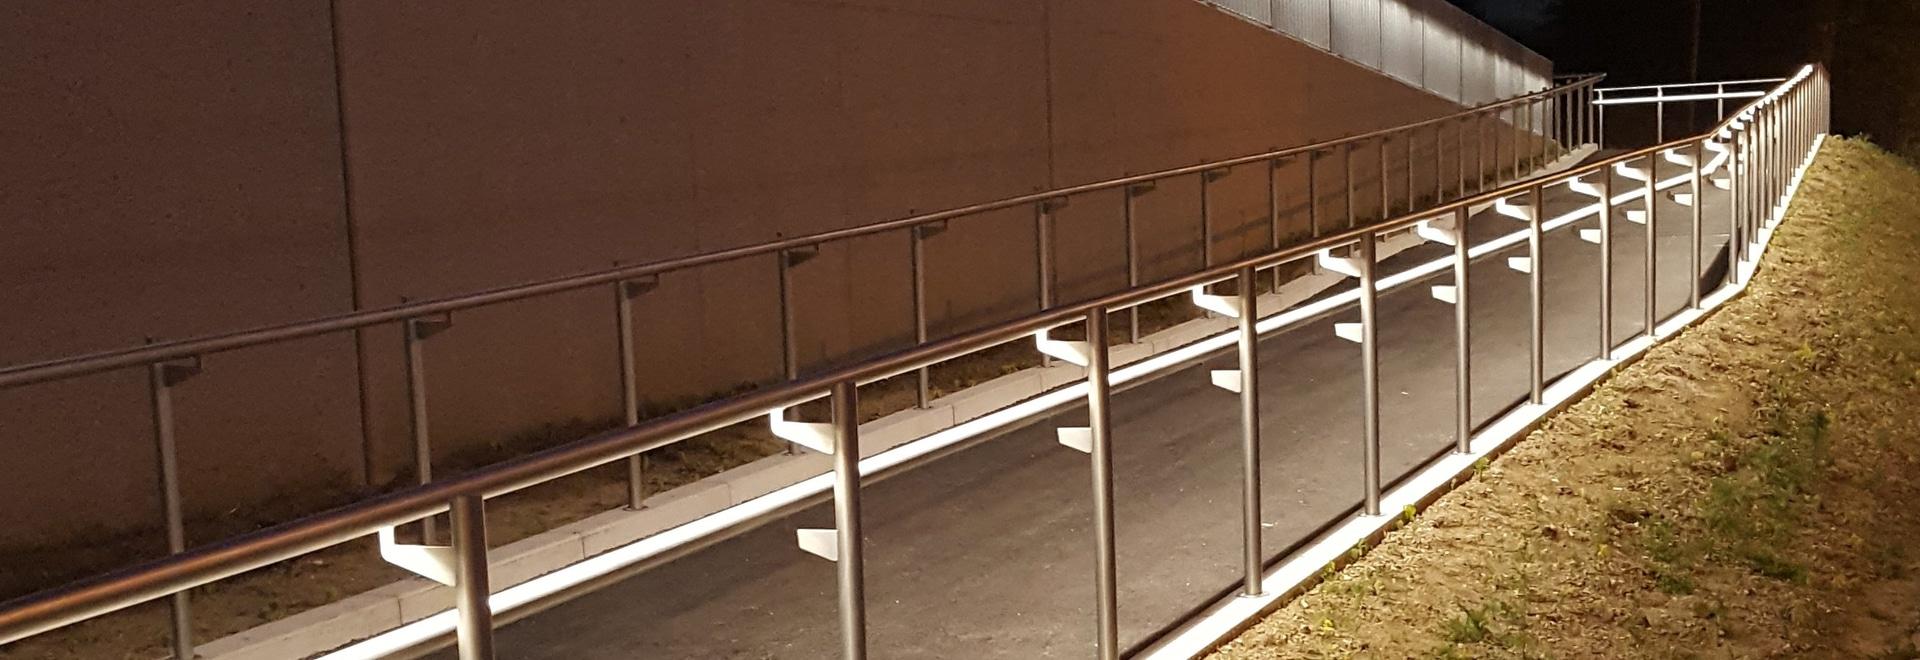 LED-handrail U48